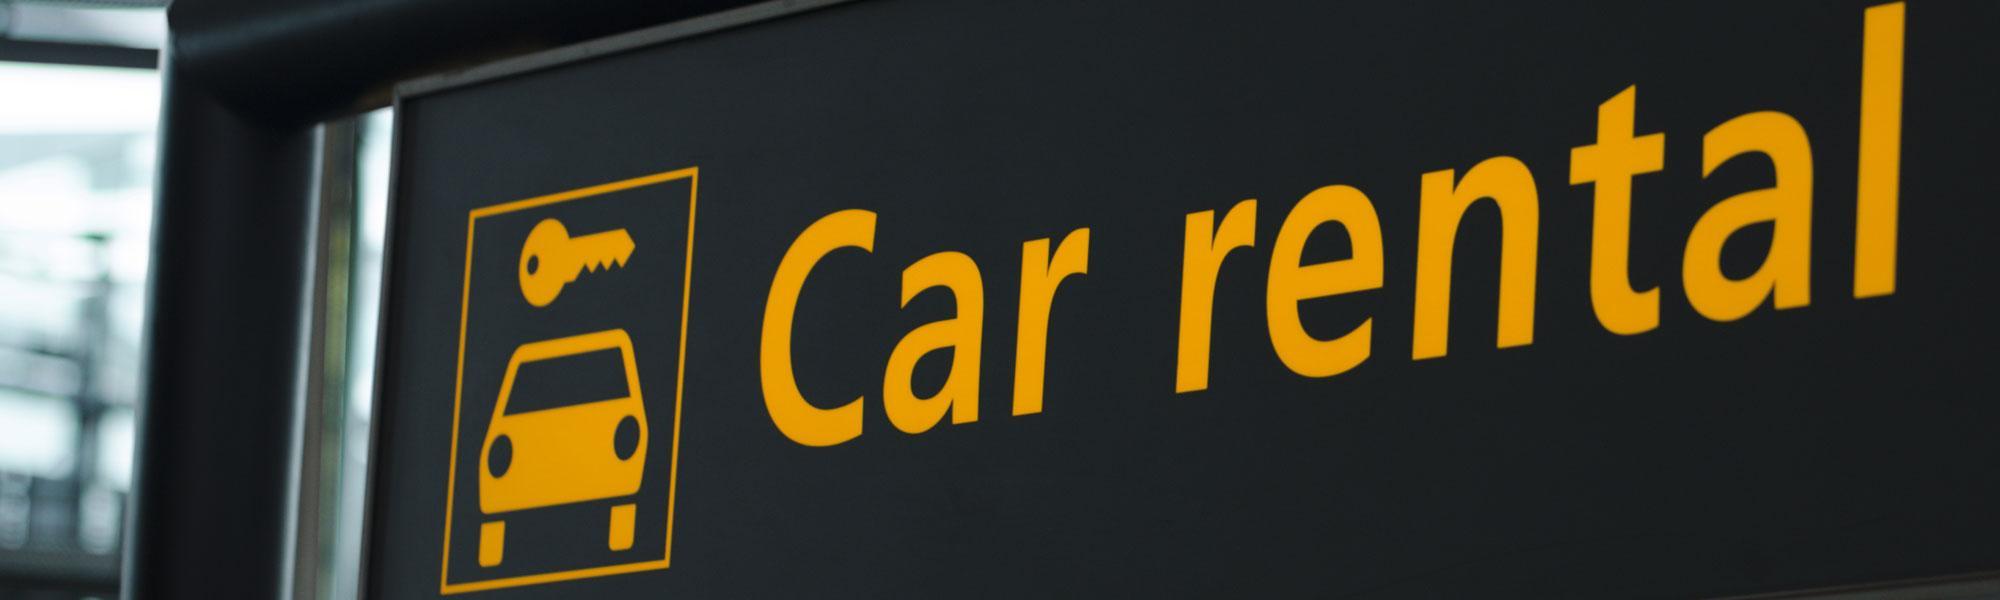 Roc Airport Car Rental